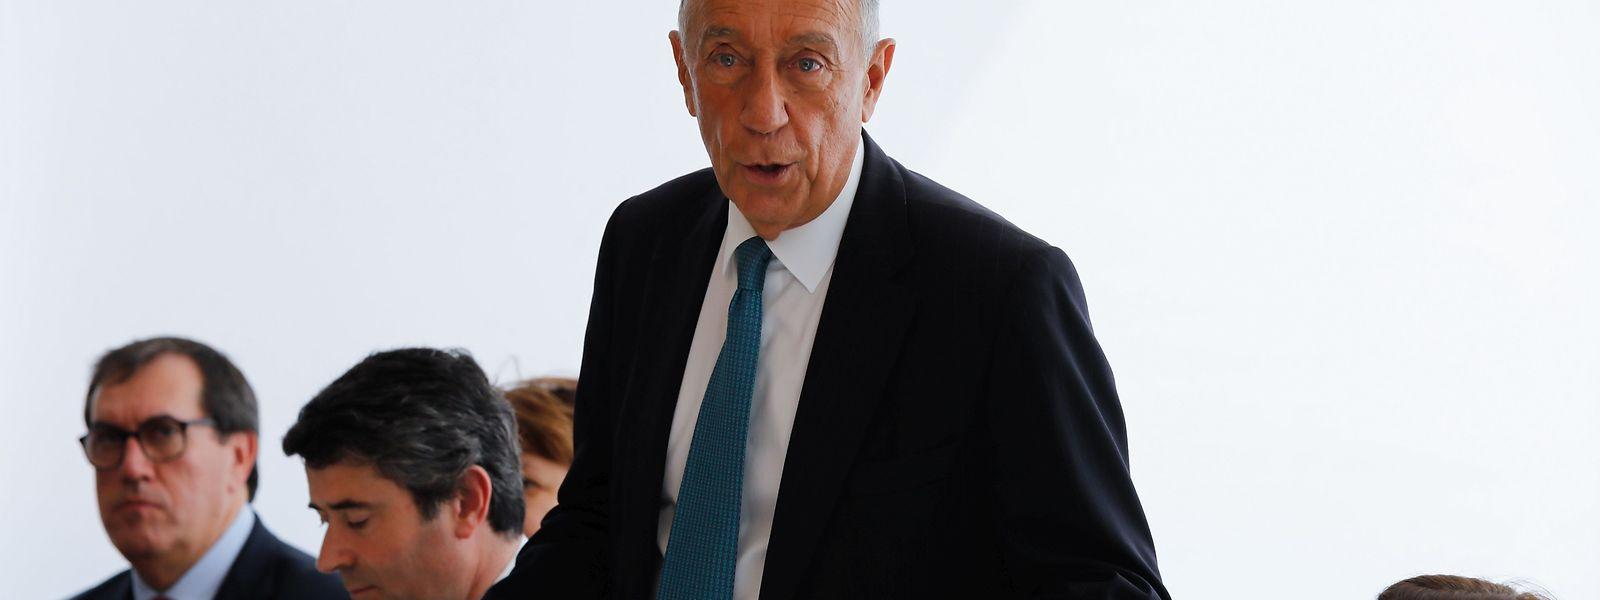 """O Presidente da República de Portugal, Marcelo Rebelo de Sousa, hoje no encontro """"Diálogos com representantes da comunidade"""", no Instituto Camões, em Merl, na cidade do Luxemburgo."""